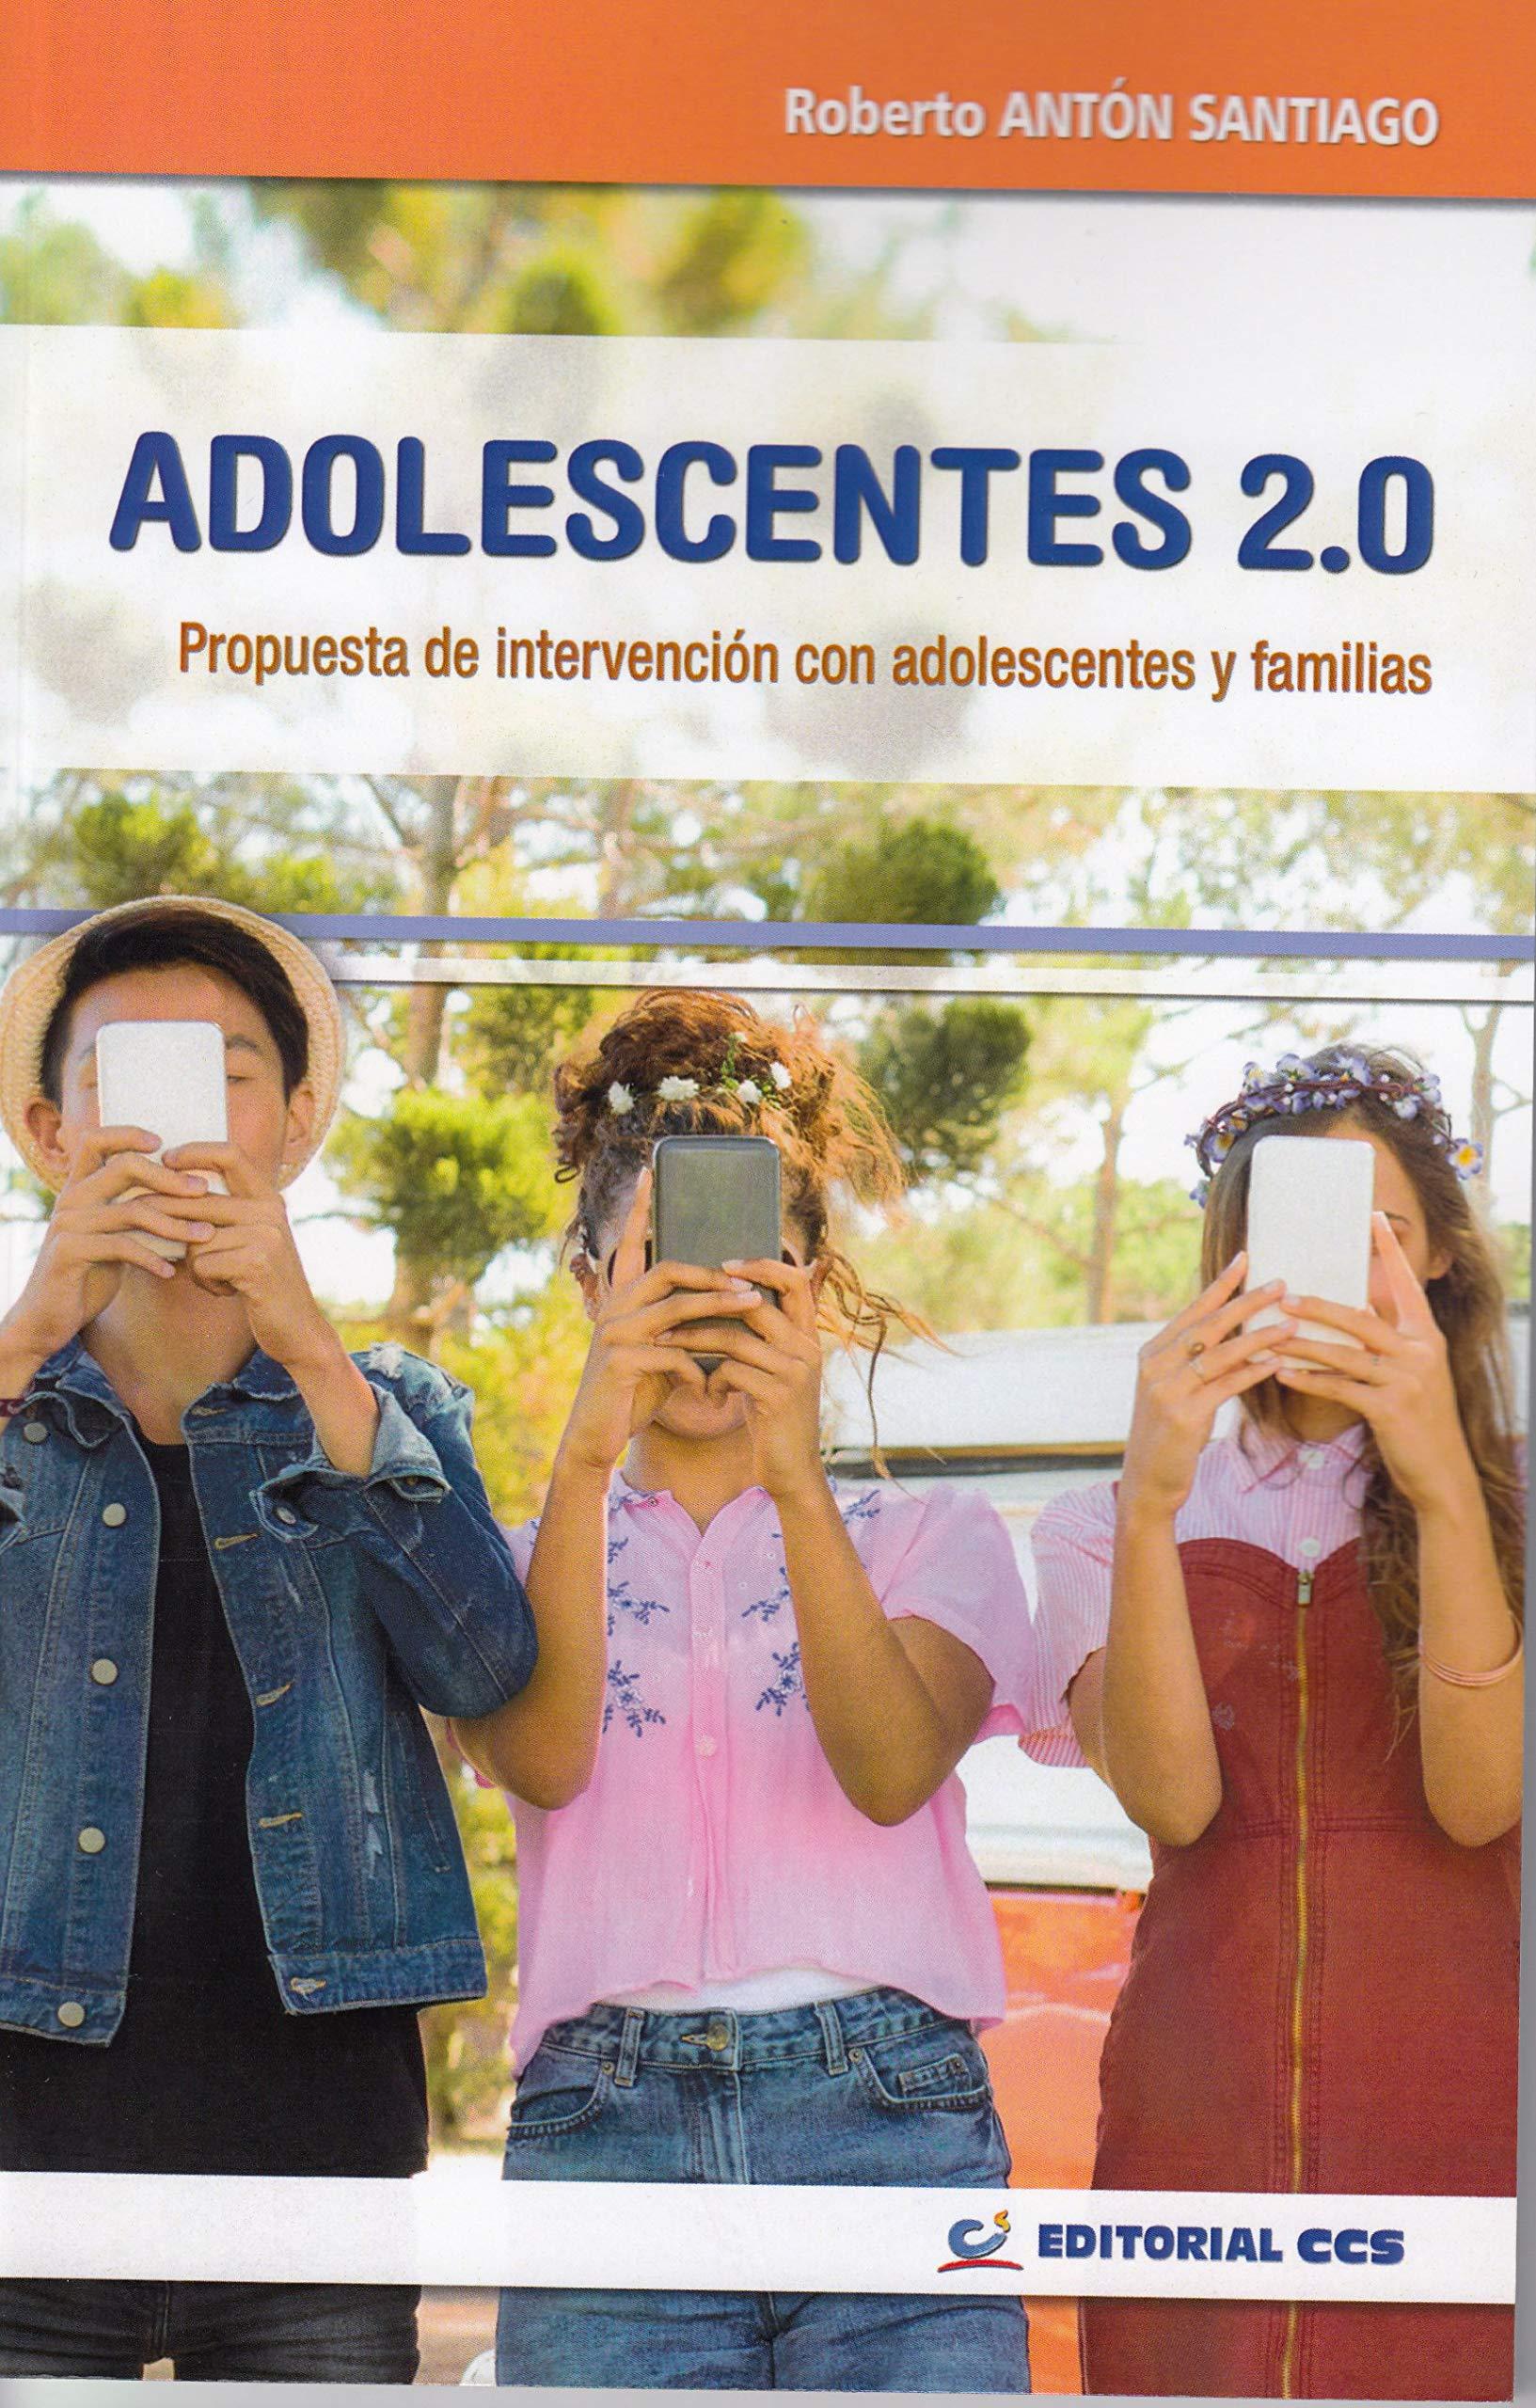 ADOLESCENTES 2.0. Propuesta de intervención con adolescentes y familias (Intervención social)